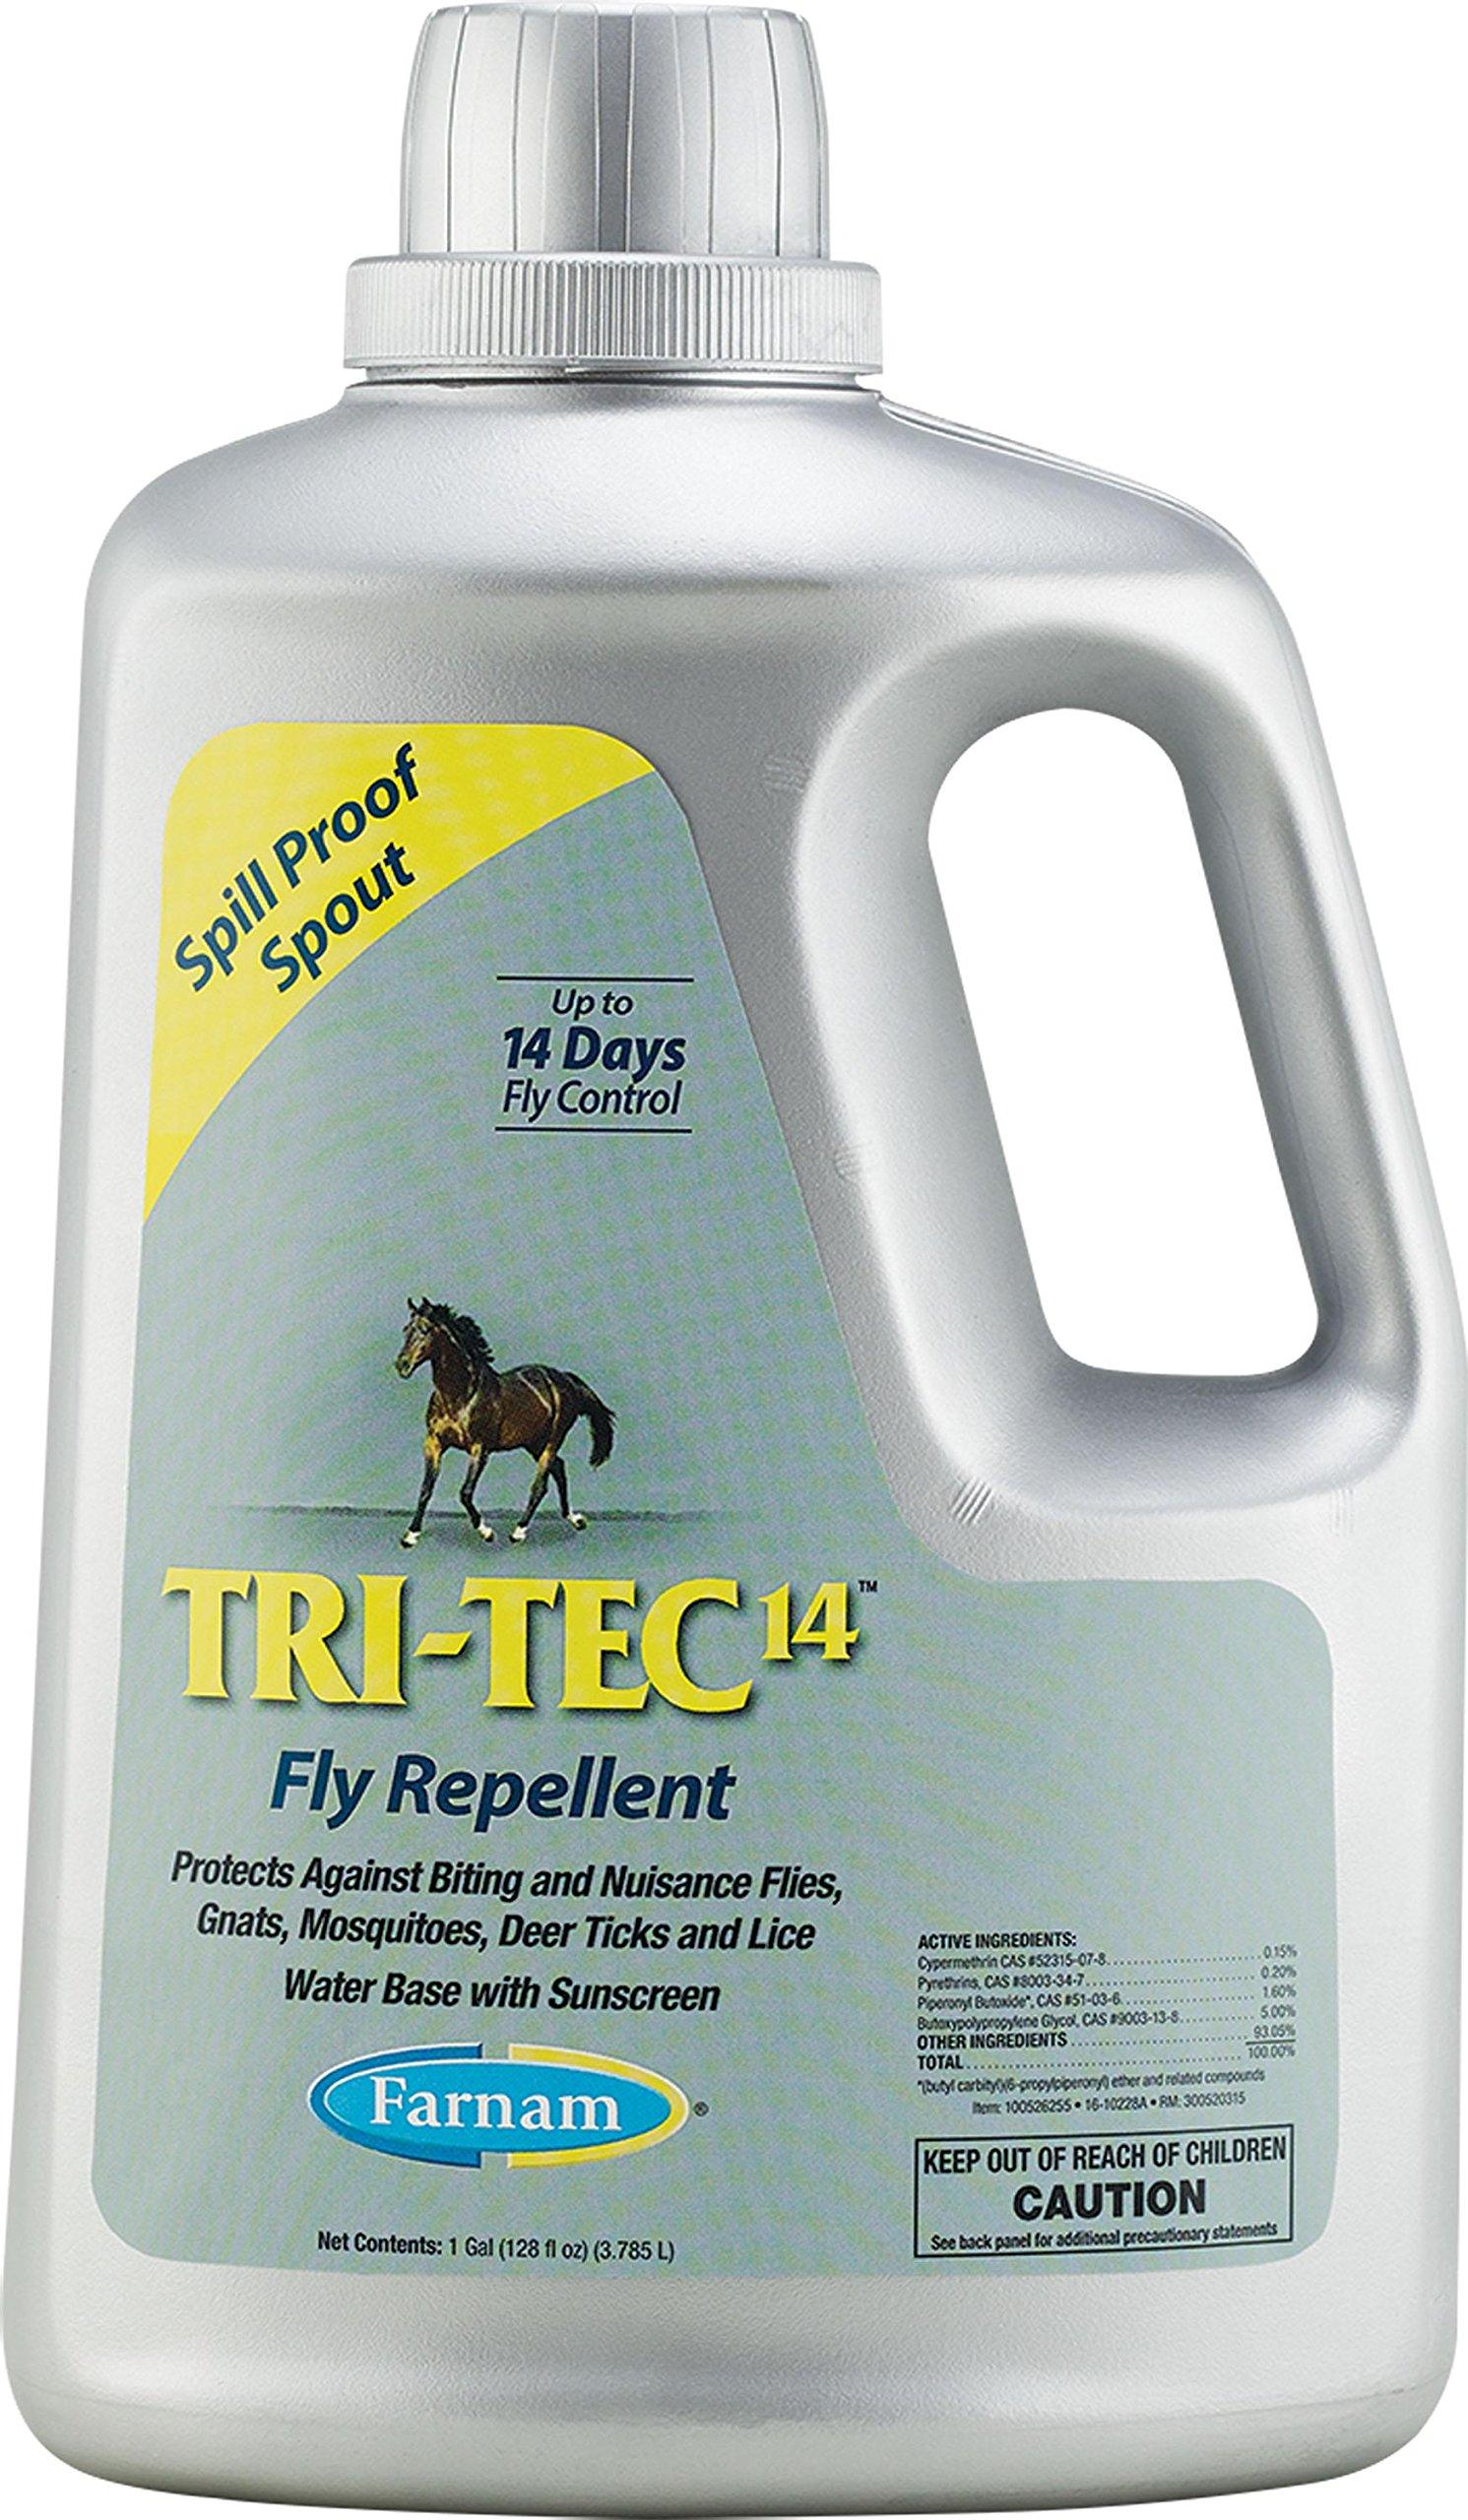 Tri-tec 14 Fly Repellent Refill For Horses